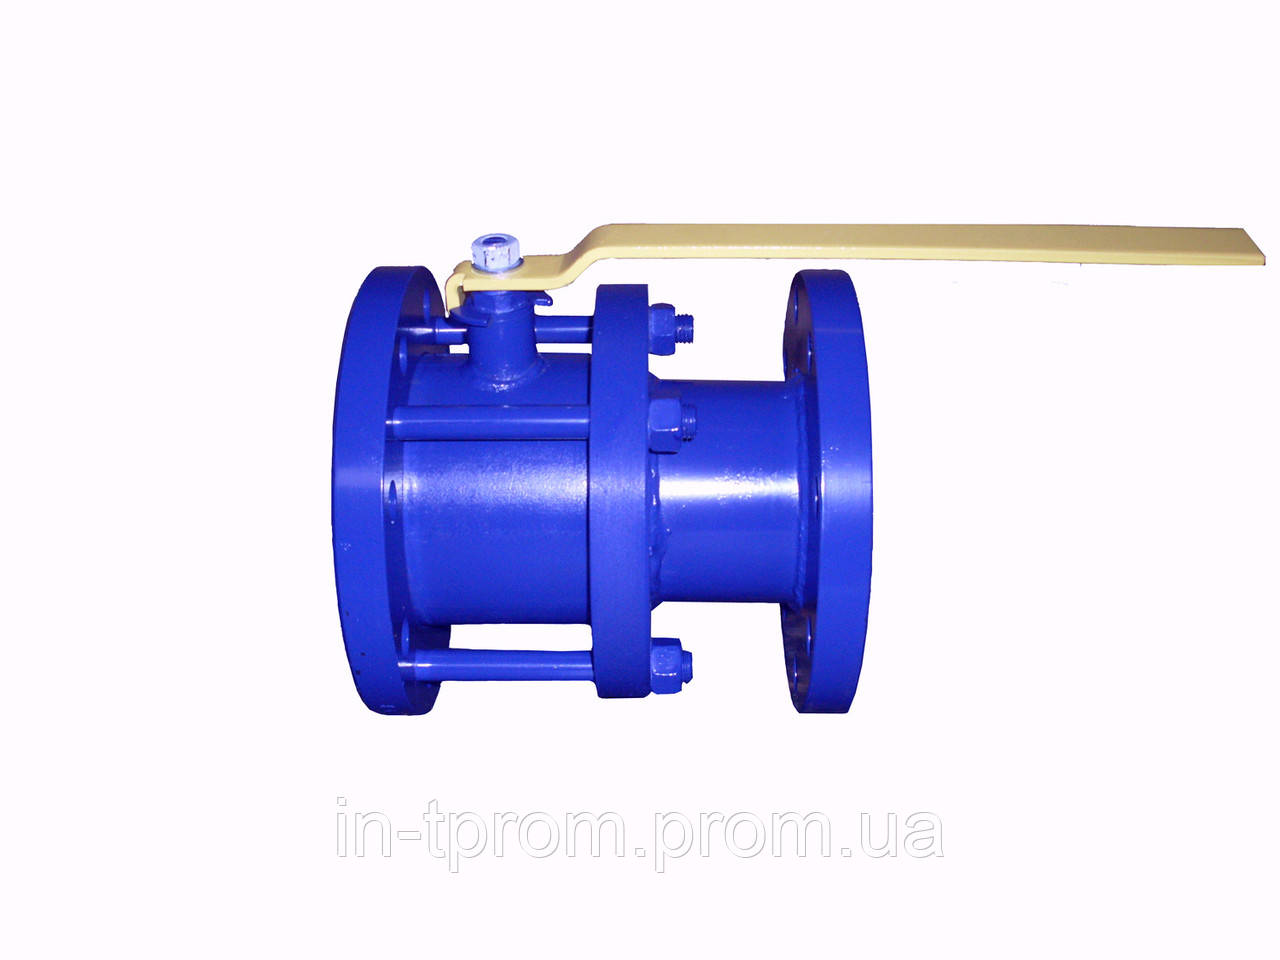 Кран шаровый фланцевый КШГ 21-150 Ду150, Ру16. Цена 12 200 руб/ед